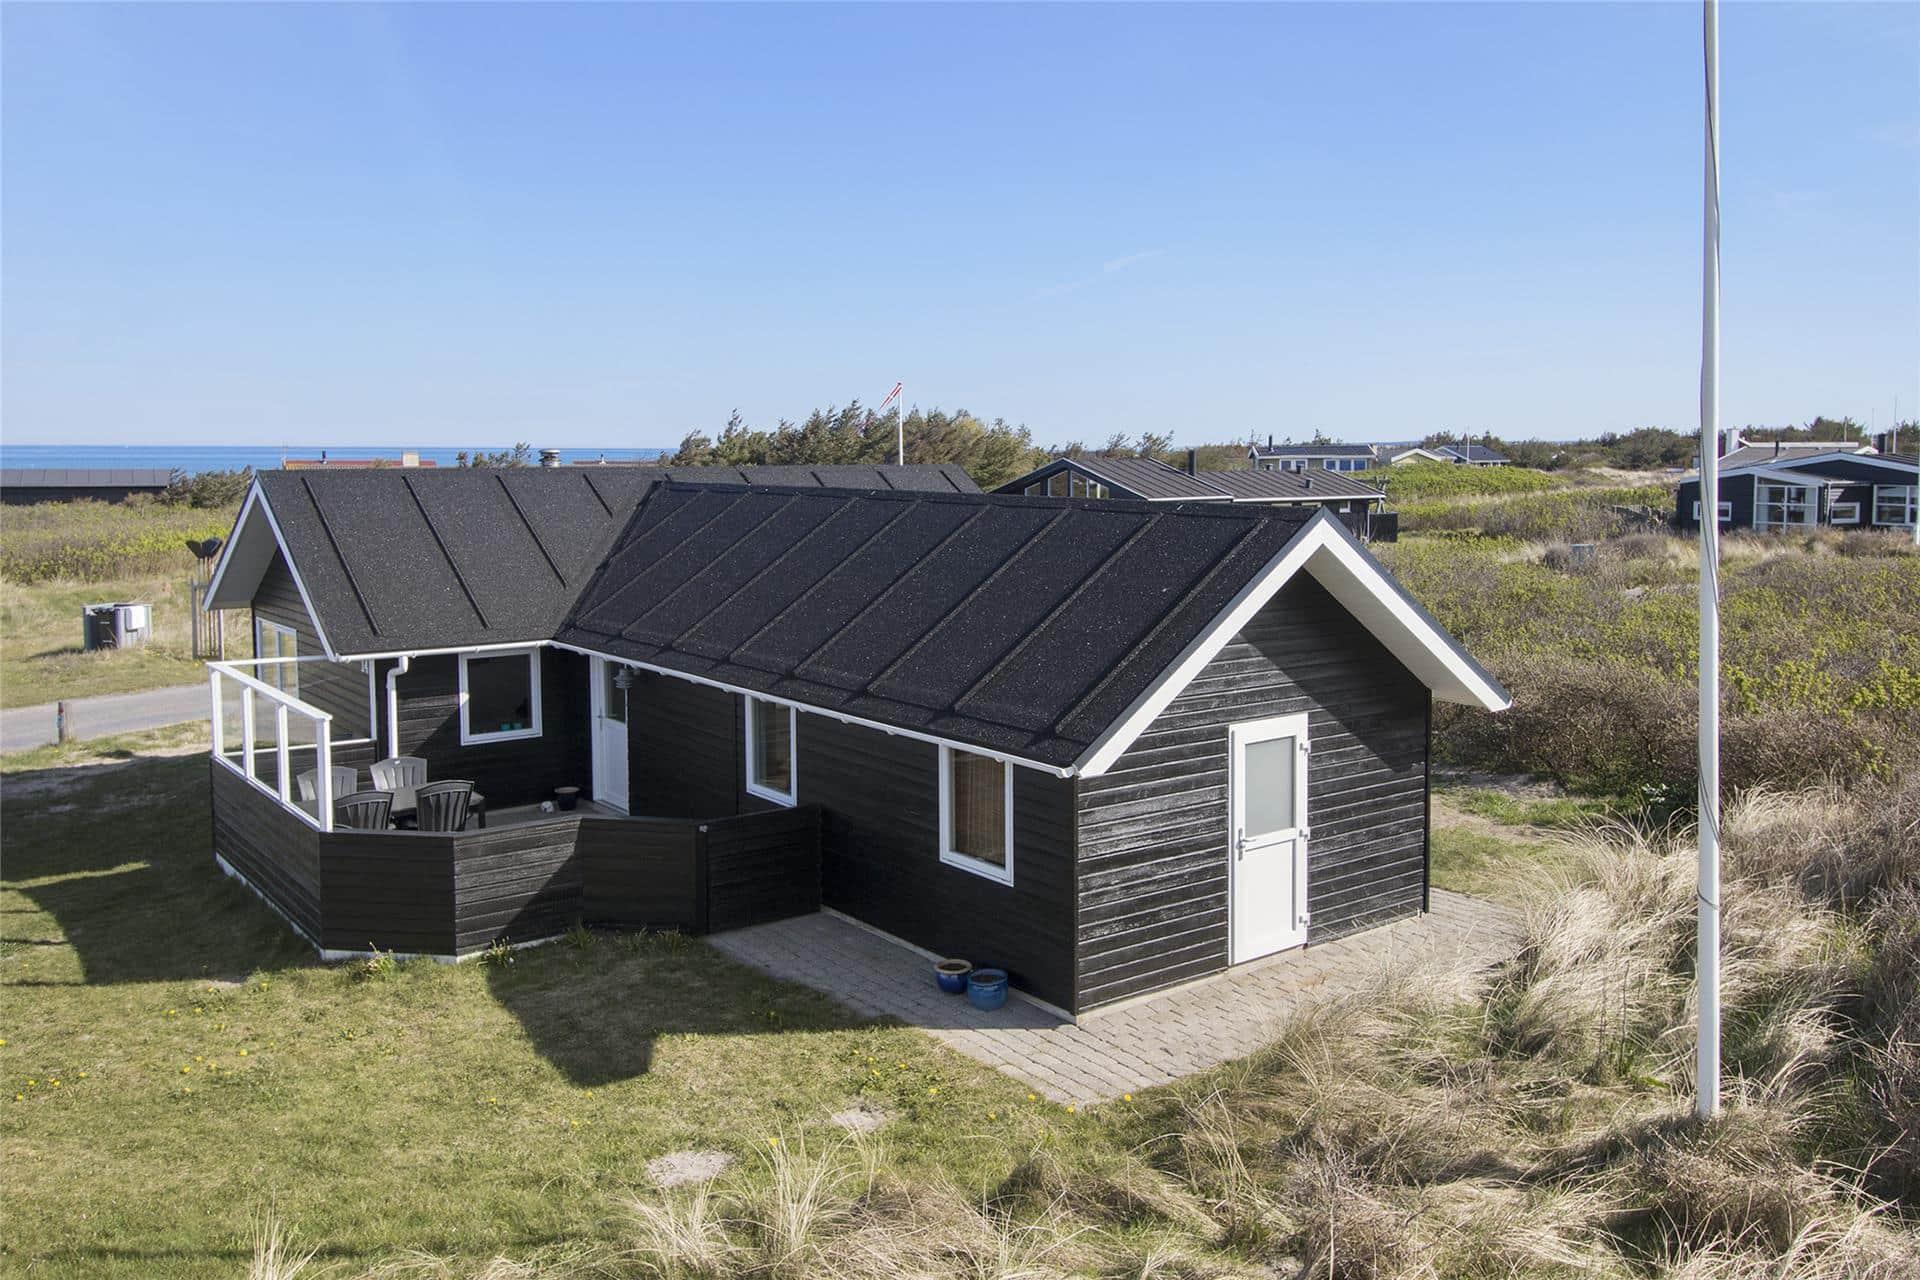 Image 1-14 Holiday-home 1304, Revlingrenden 14, DK - 9800 Hjørring